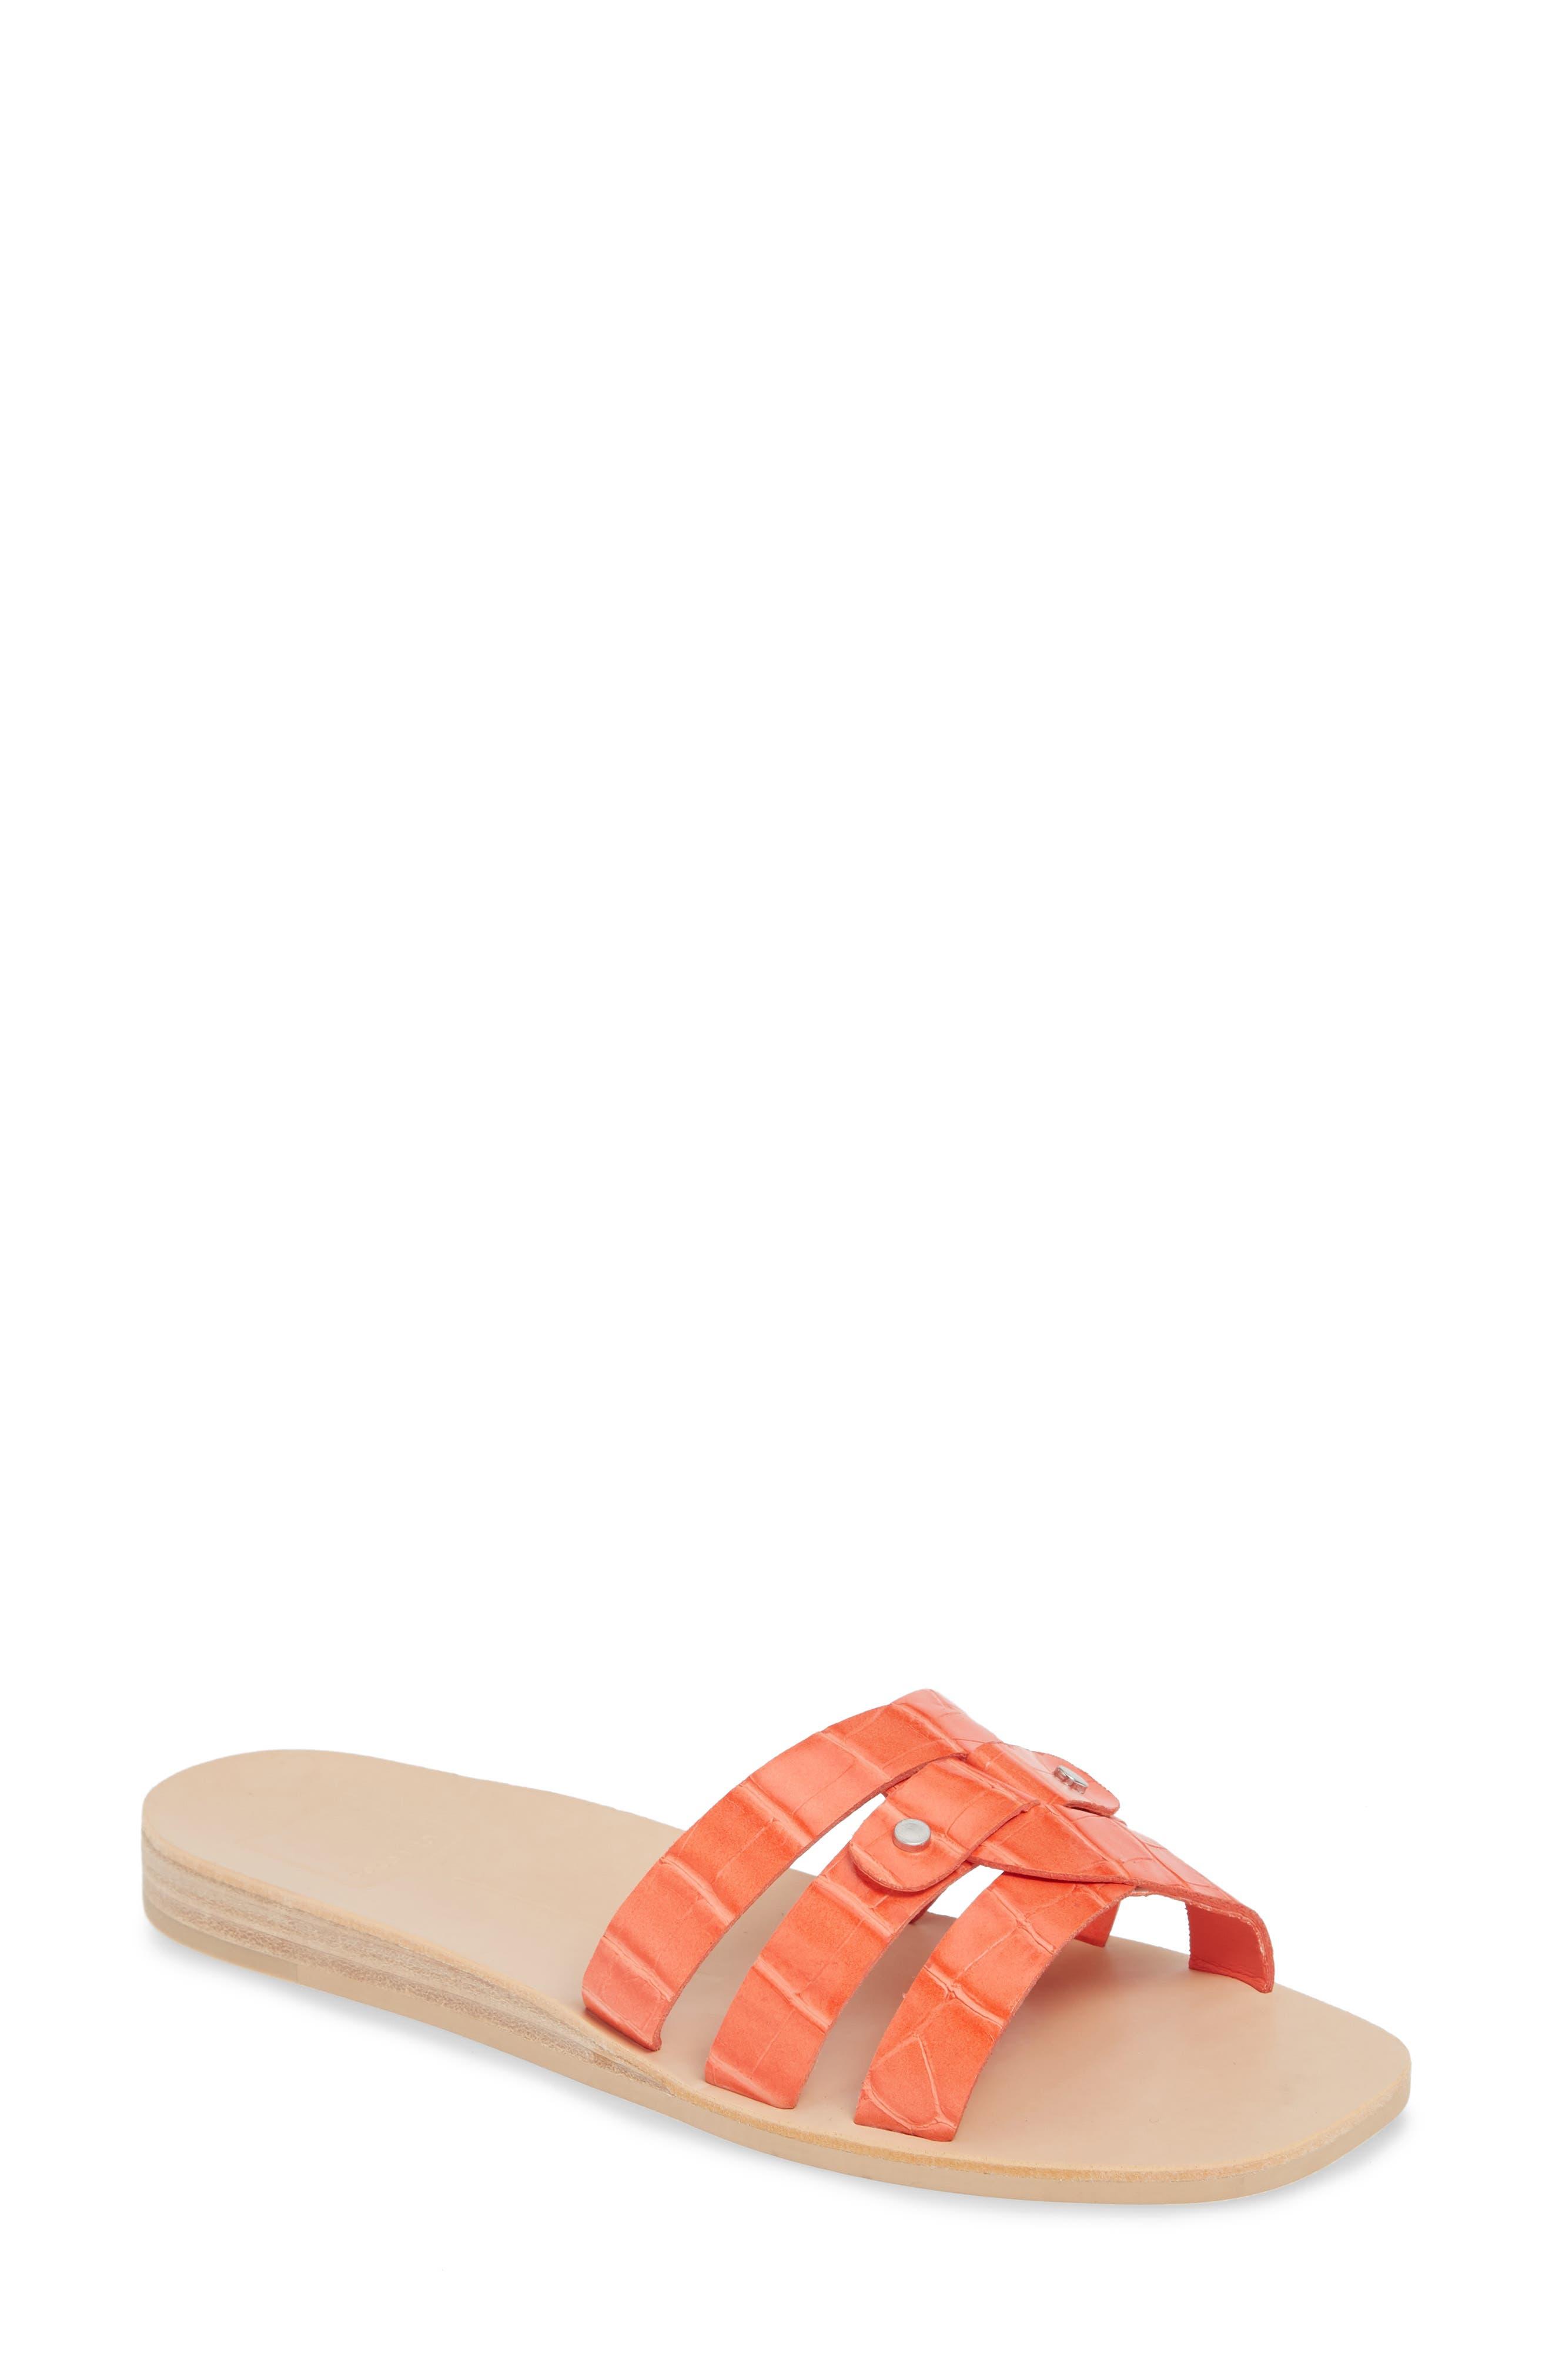 Dolce Vita Cait Slide Sandal, Red